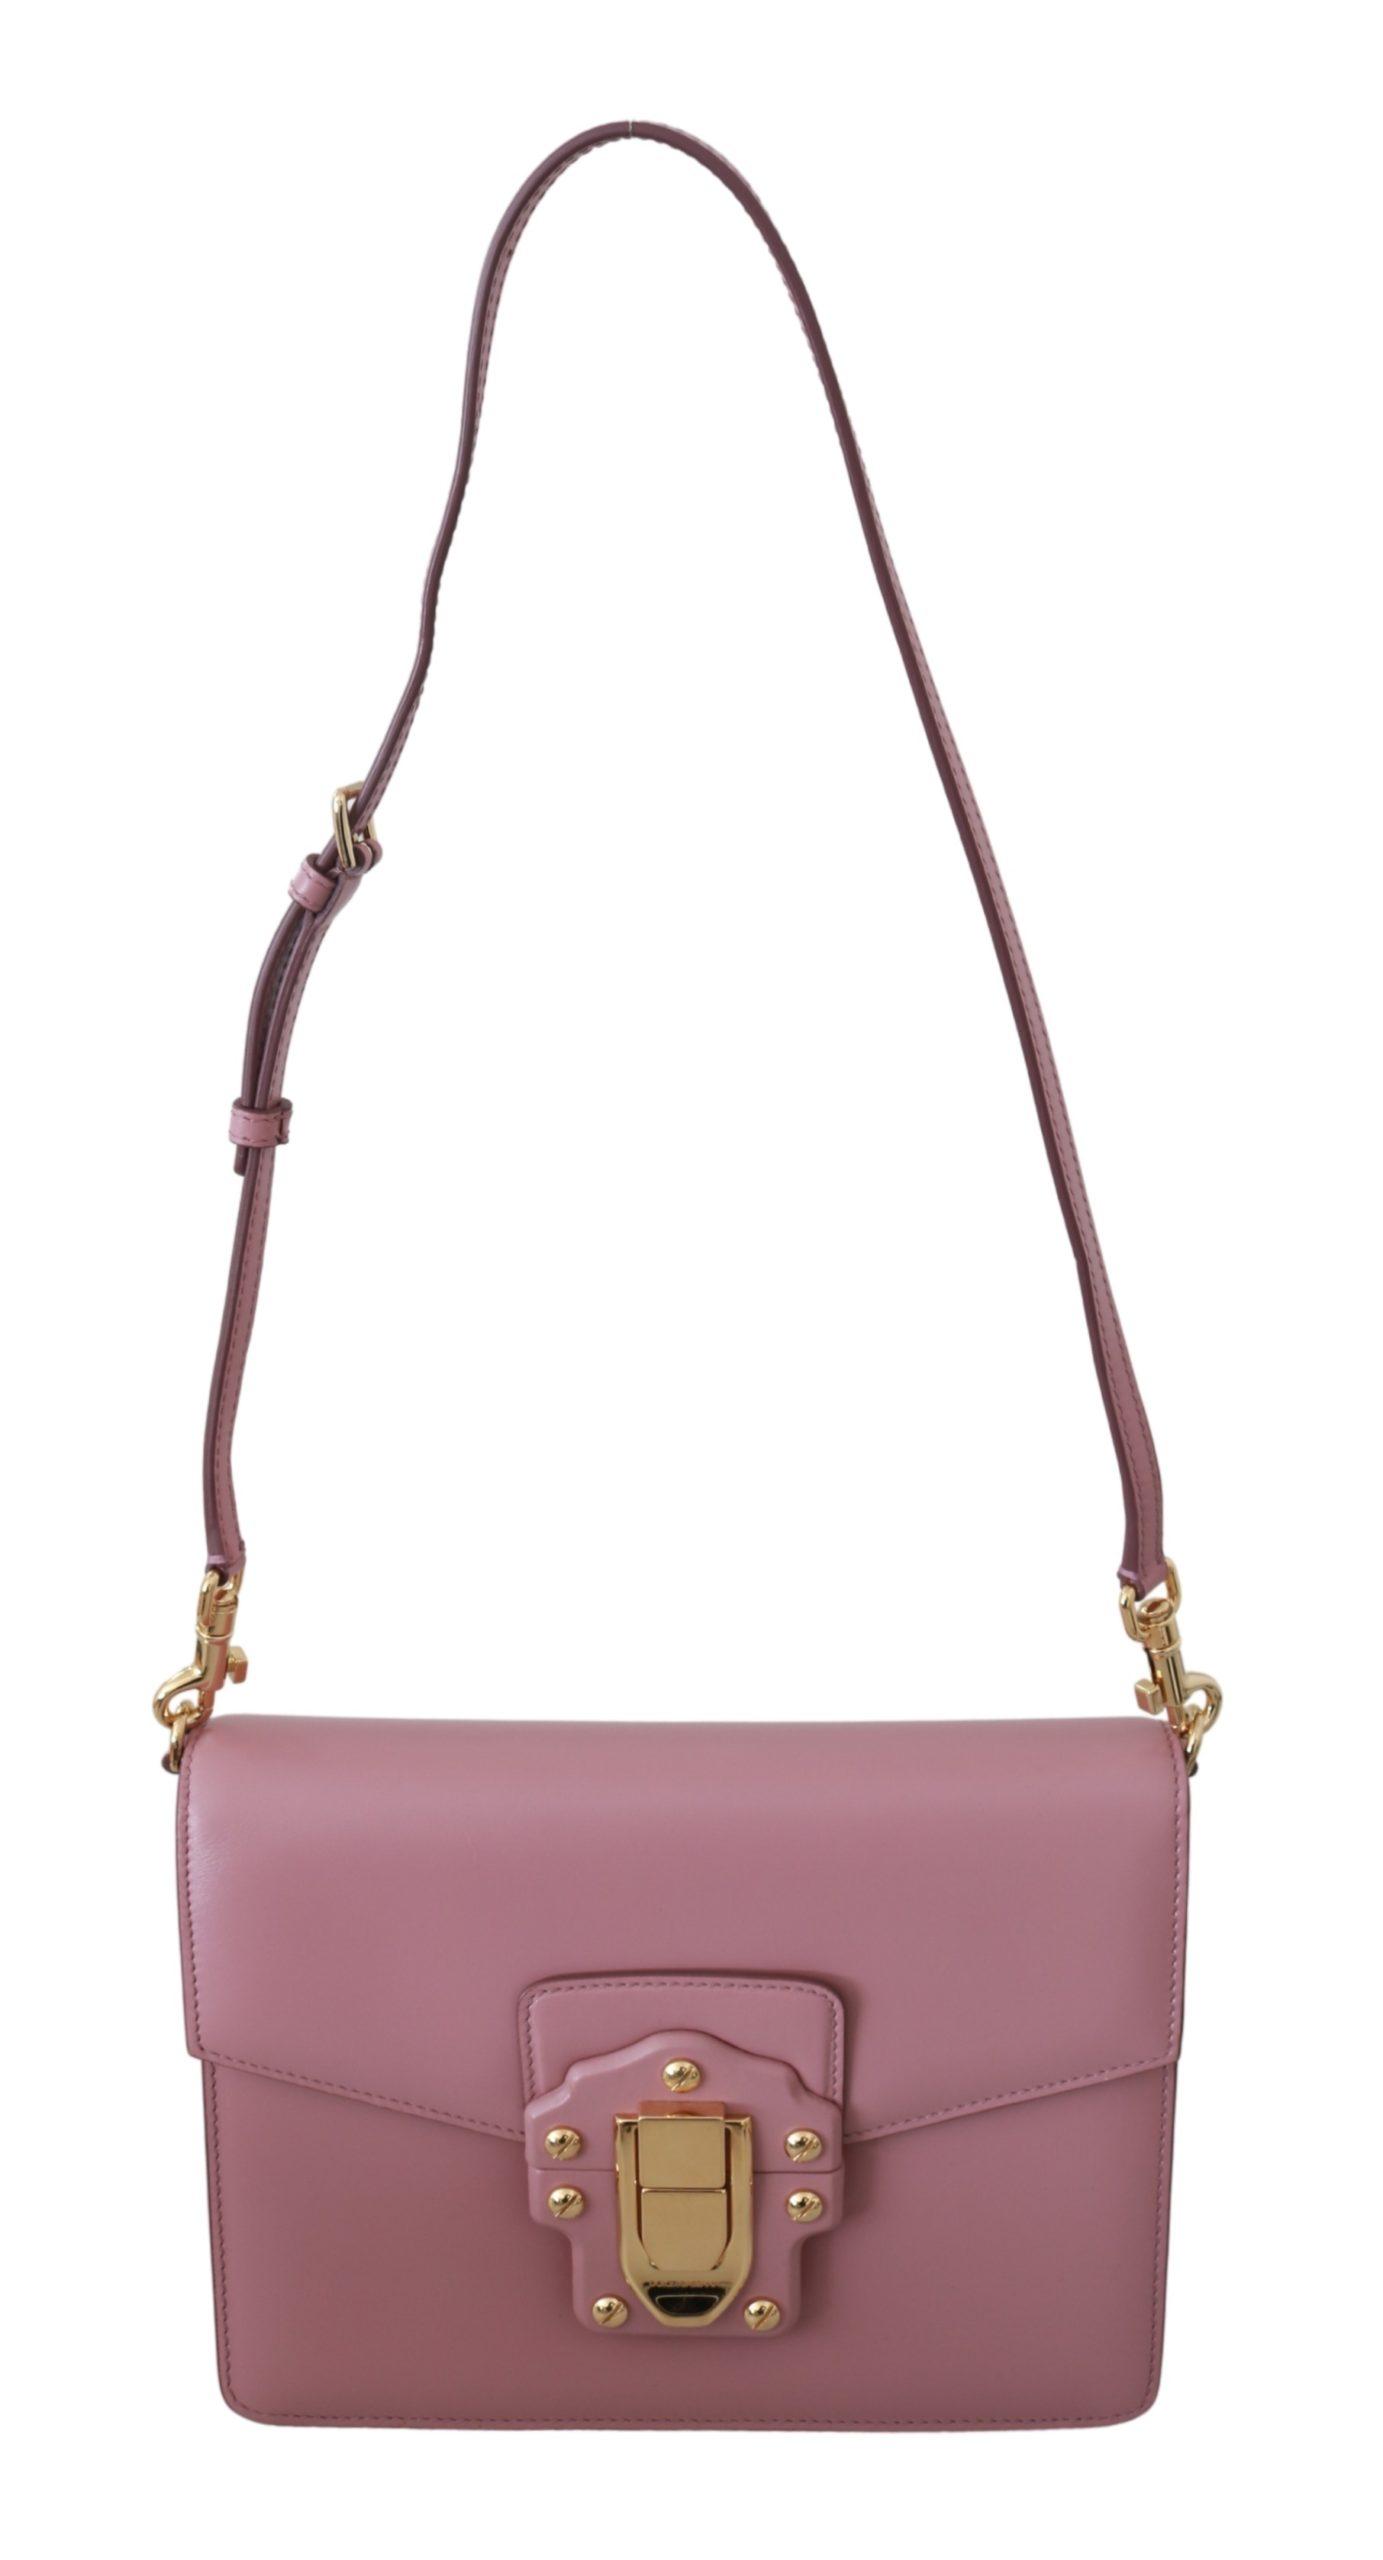 Dolce & Gabbana Women's Leather LUCIA Shoulder Bag Pink VAS9217